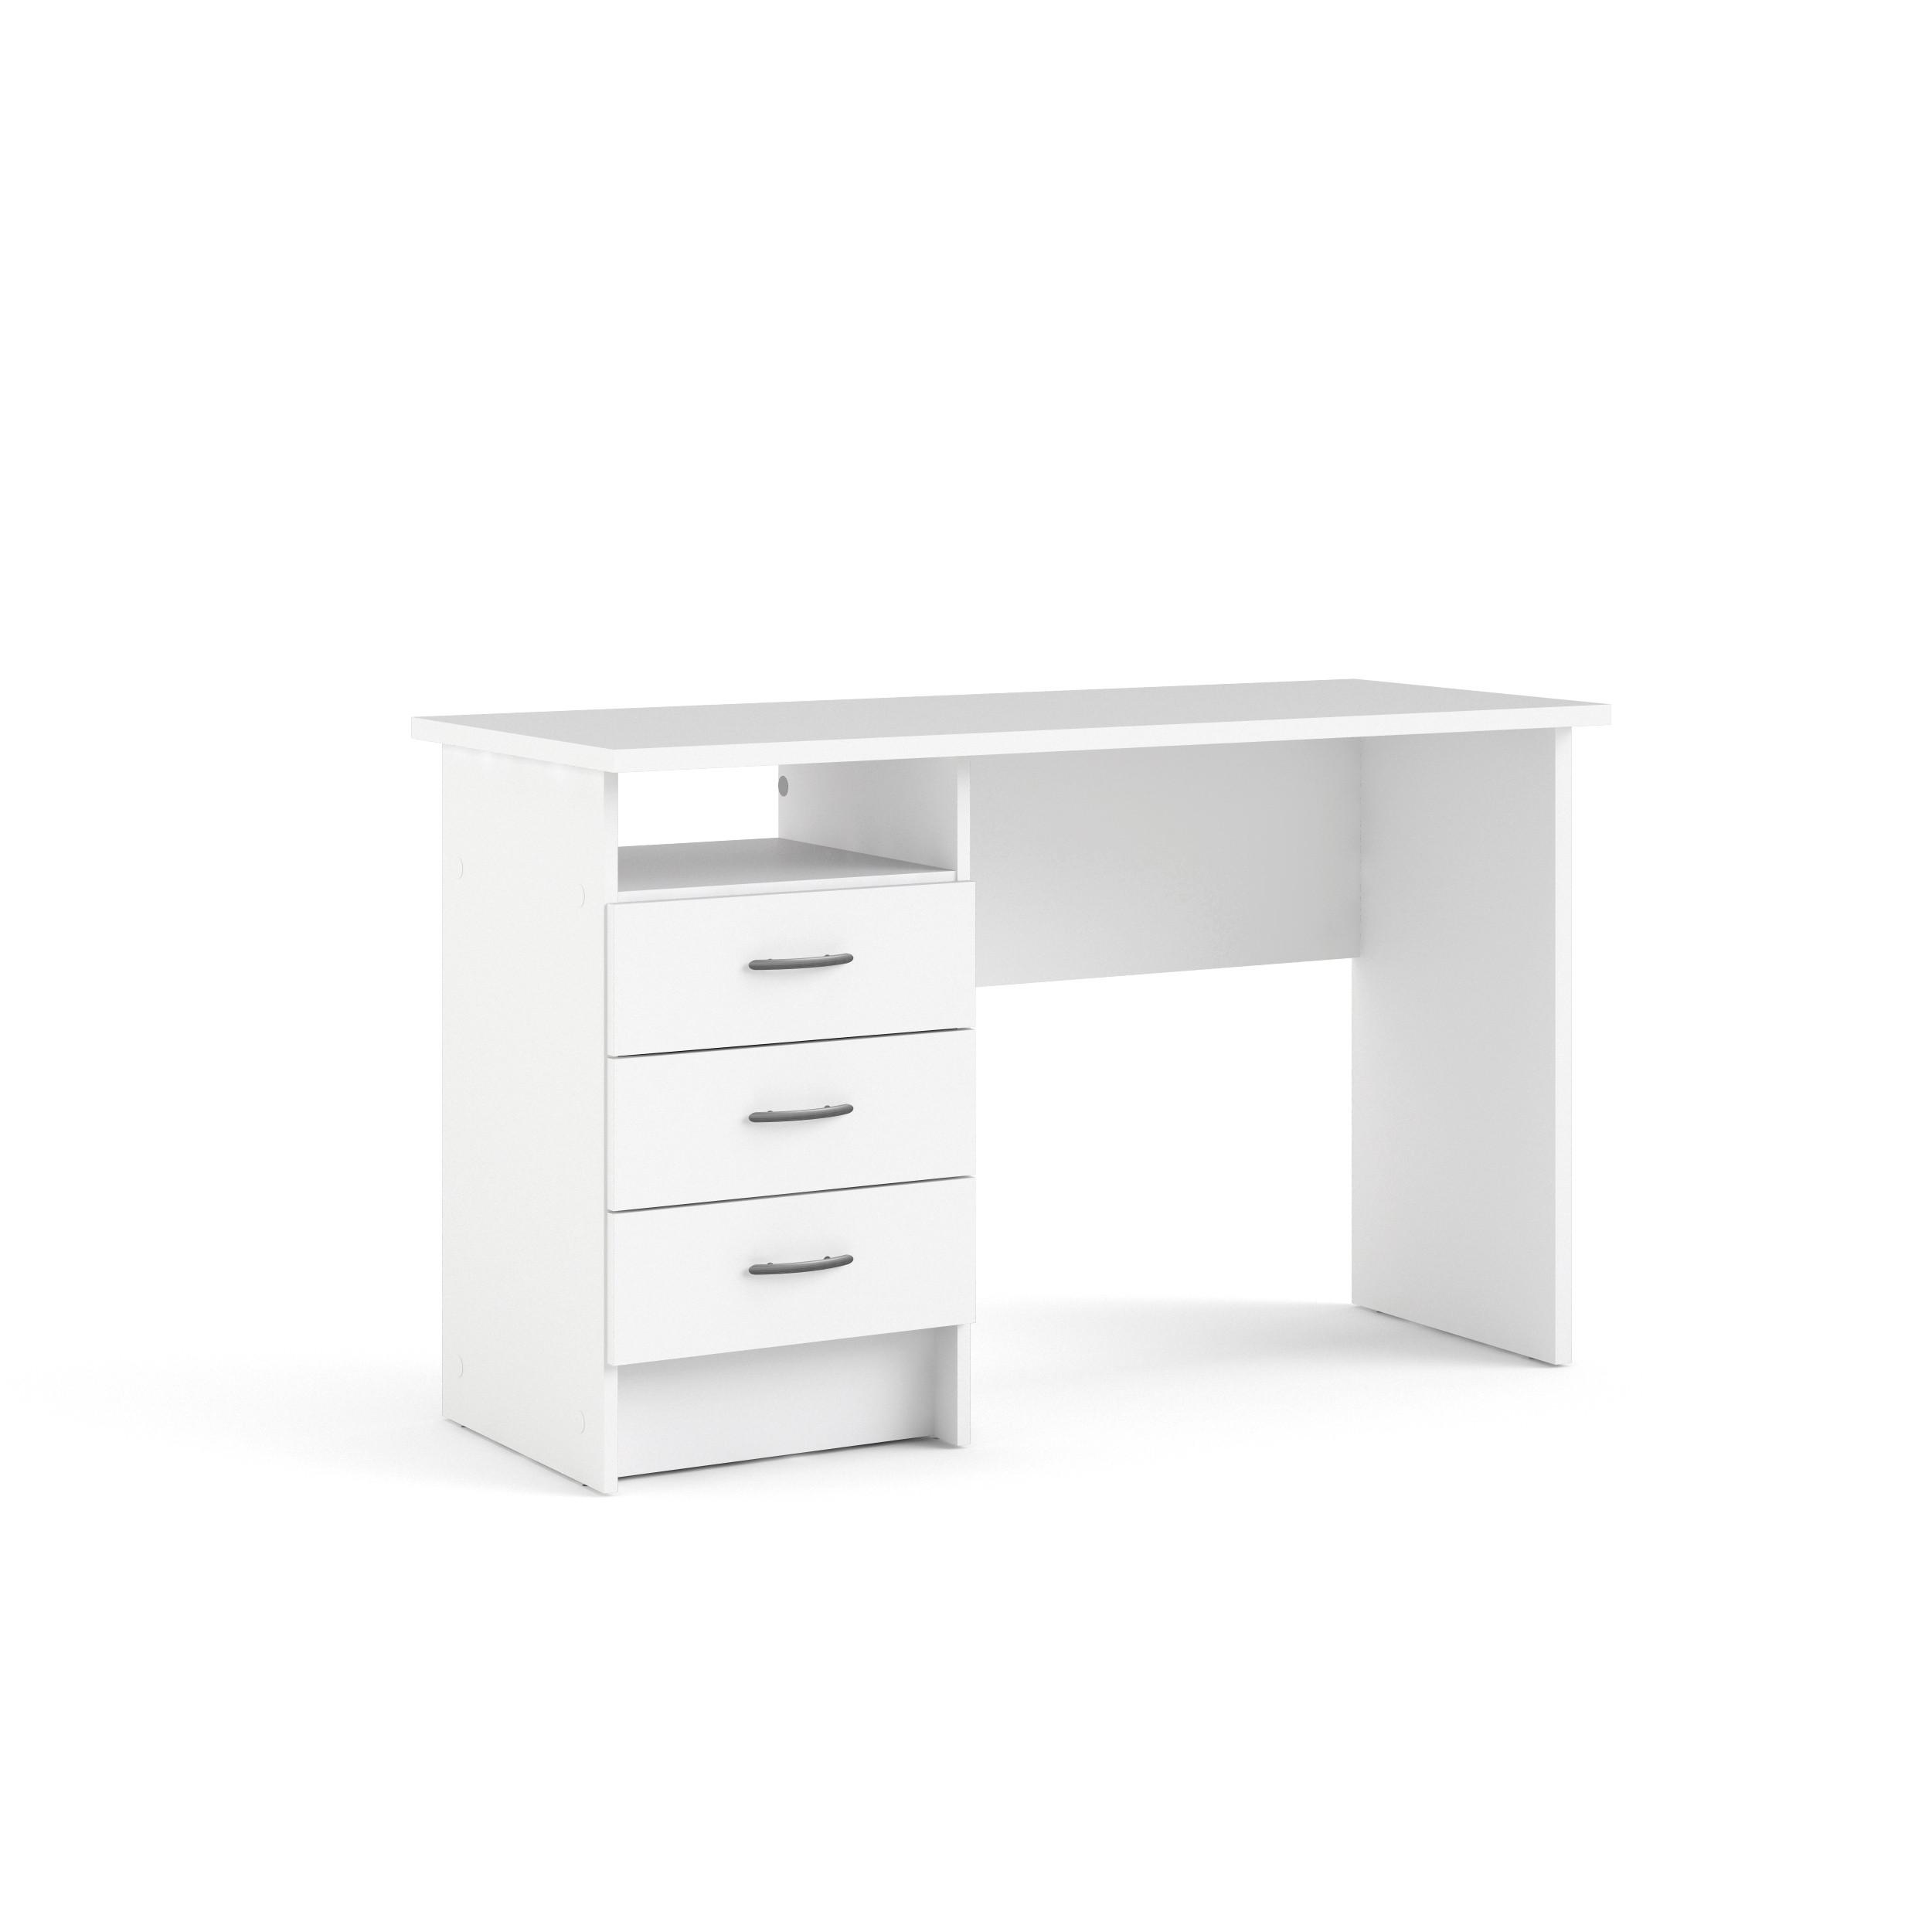 Linearer Schreibtisch mit 3 Schubladen   Weiß